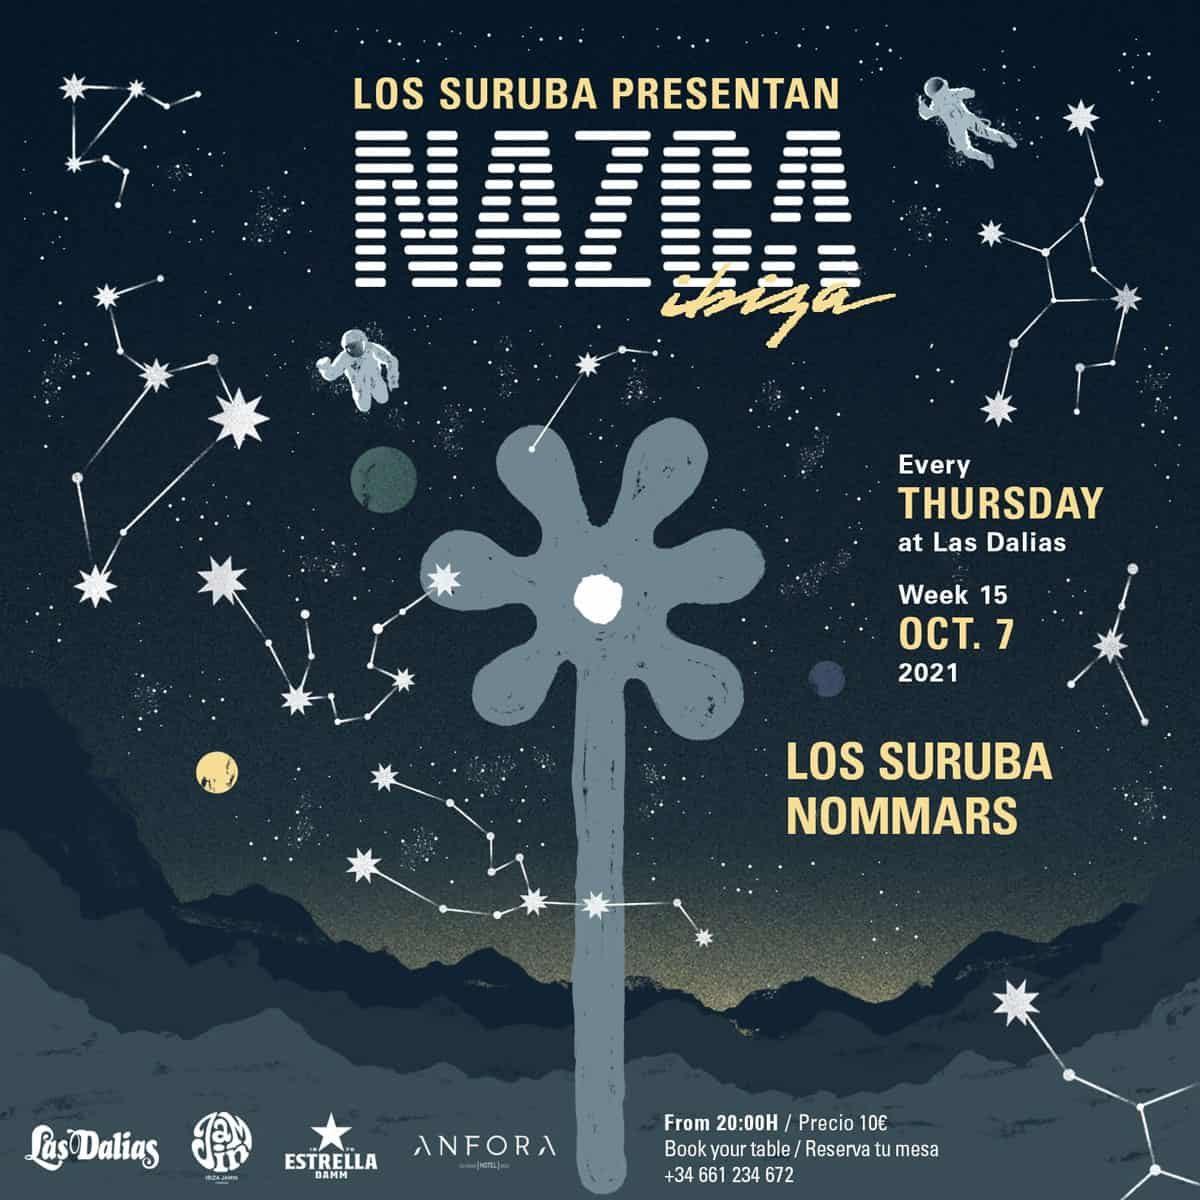 los-suruba-present-nazca-las-dalias-ibiza-2021-welcometoibiza